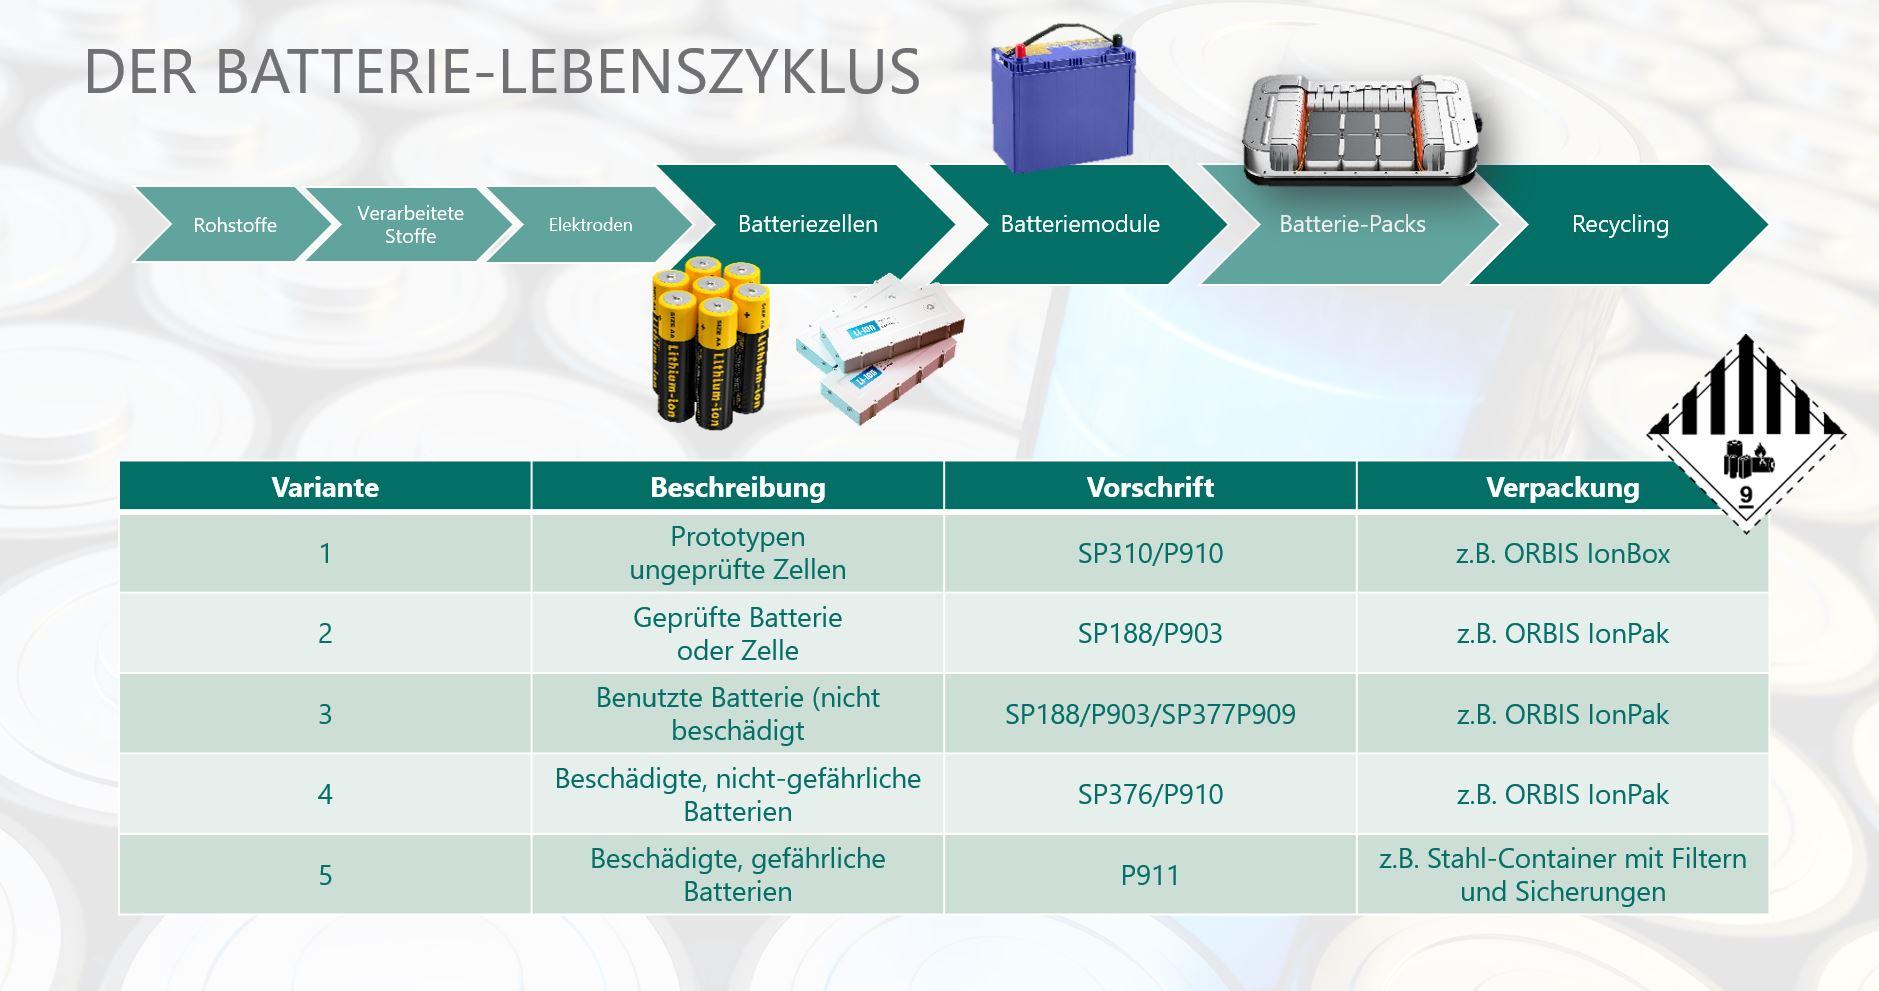 Verpackungslösungen für den Batterie-Lebenszyklus